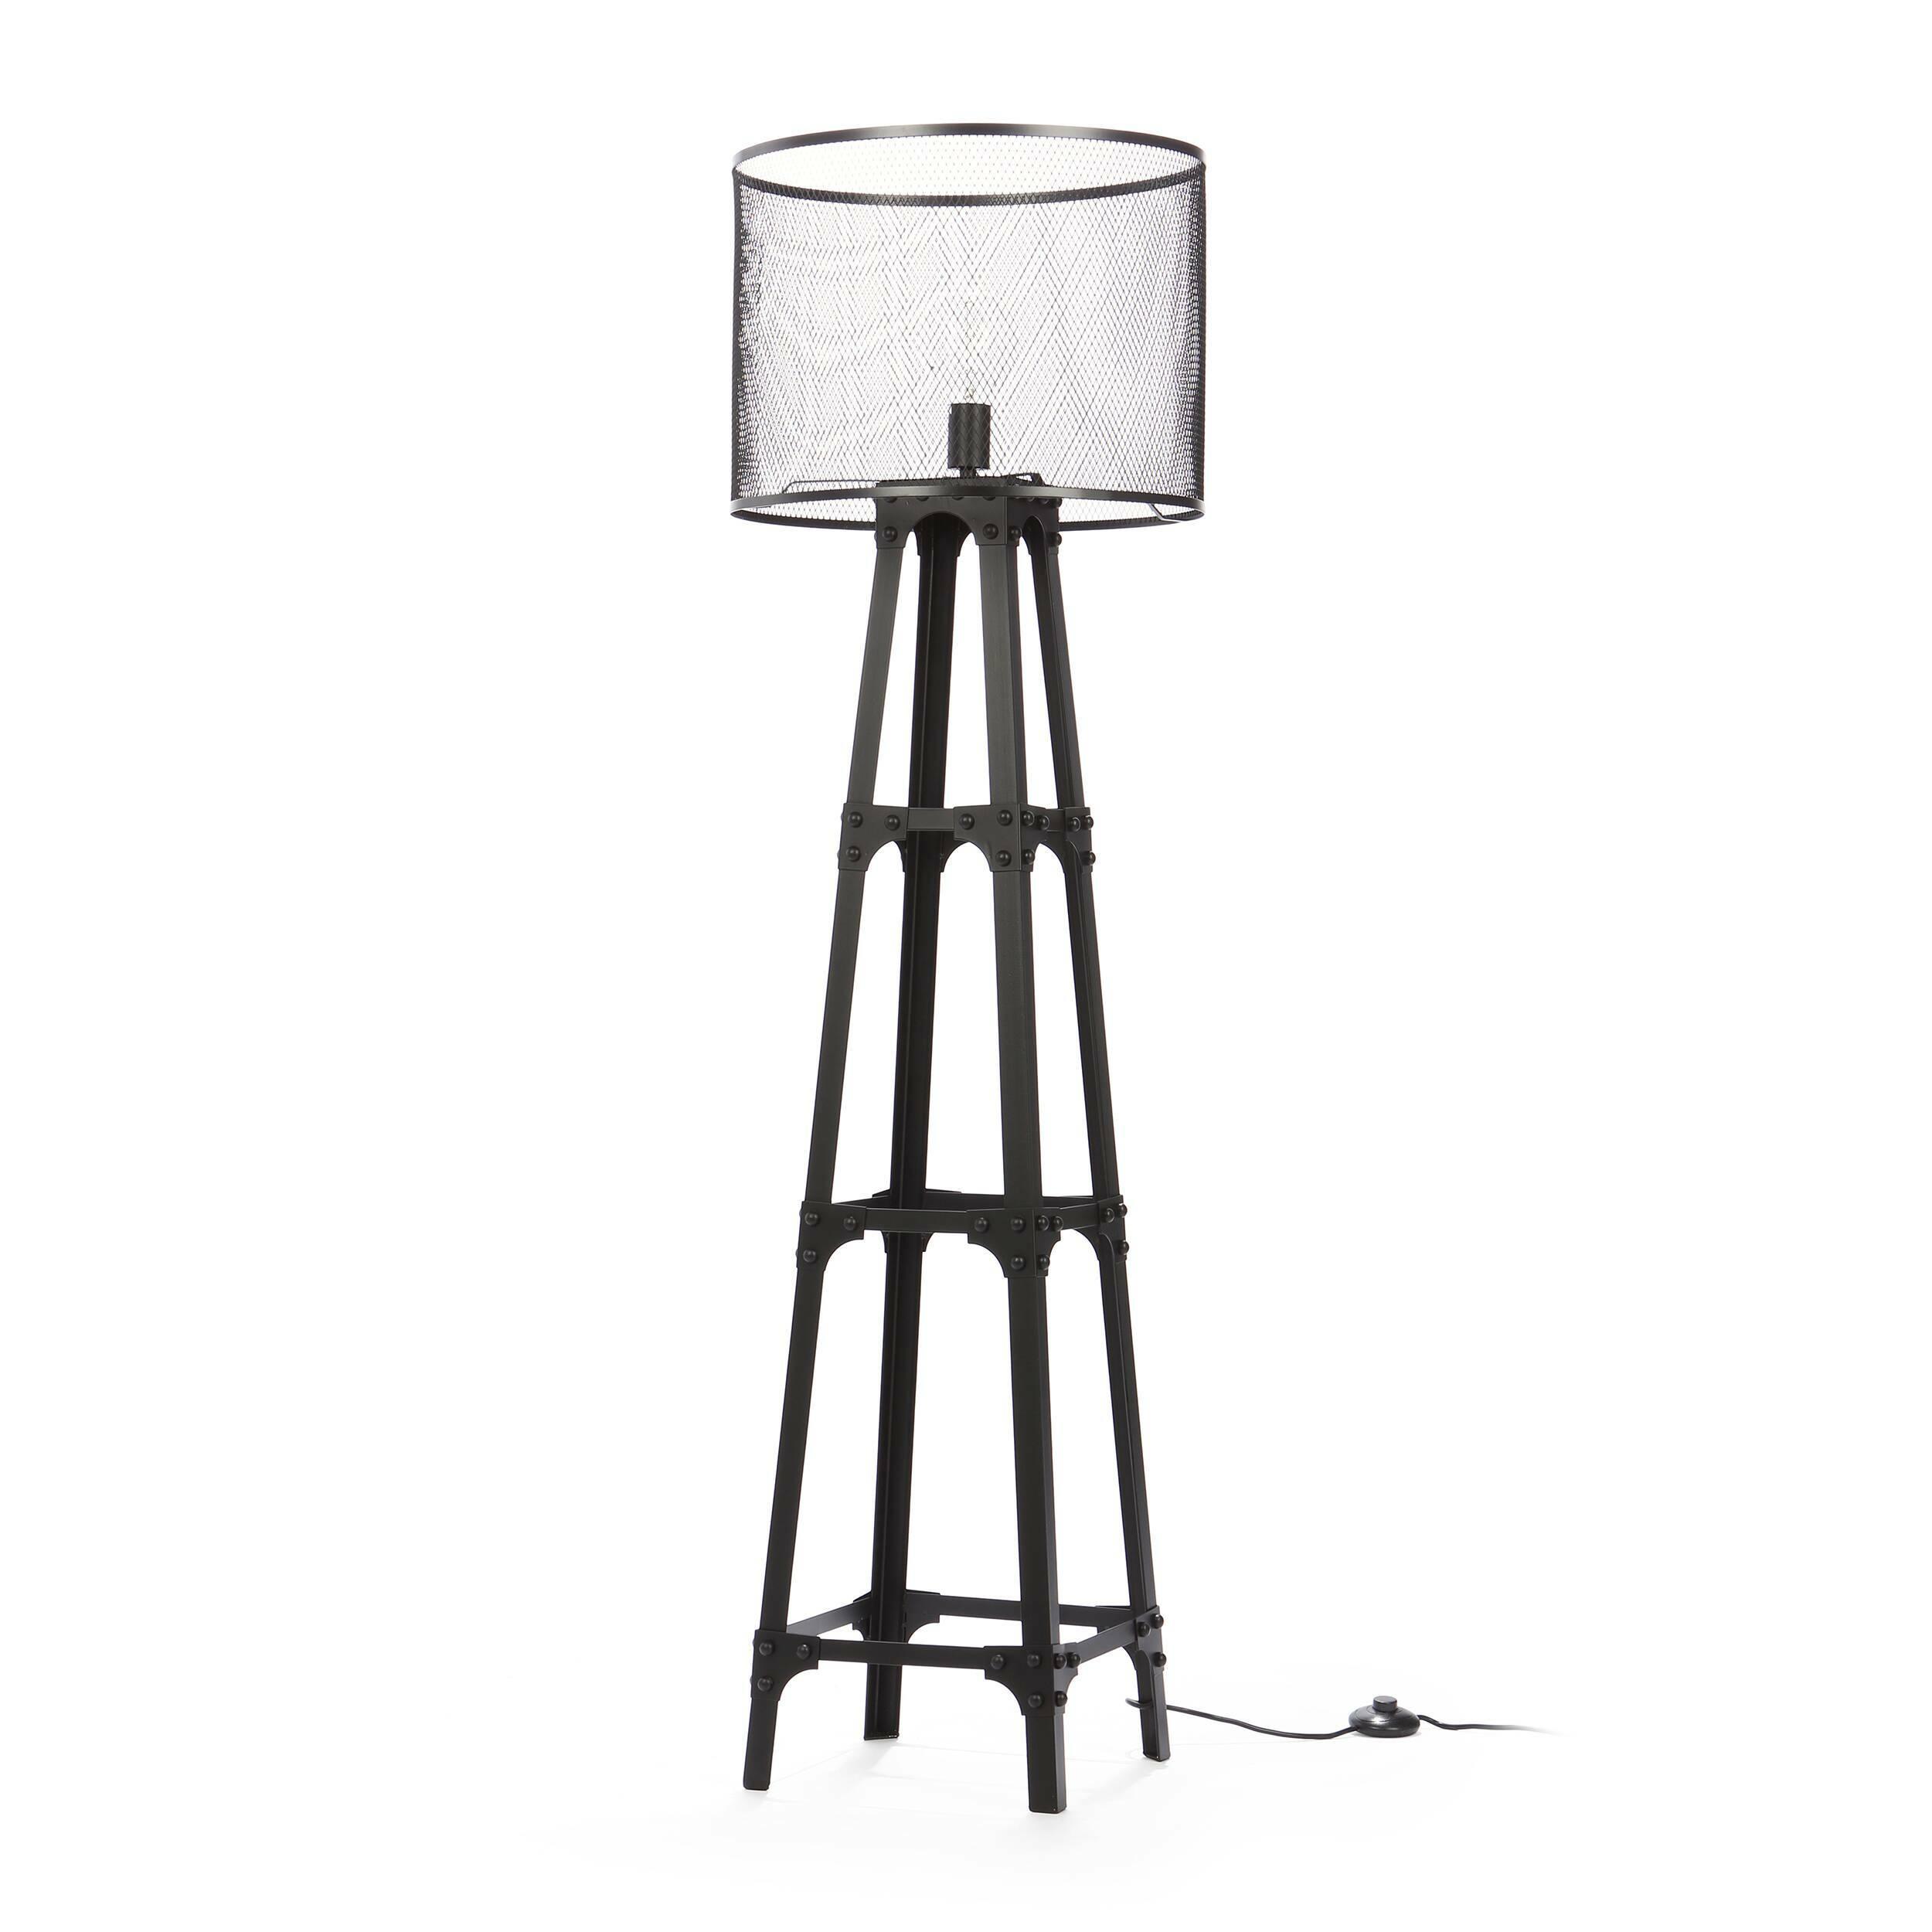 Напольный светильник Edison Miners 2Напольные<br>Напольный светильник Edison Miners 2 — это оригинальное творение ведущих дизайнеров компании Cosmo, которое понравится любителям эпатажного декора и функциональных предметов, своим оформлением вносящих в интерьер особенный шарм и атмосферу. Светильник напоминает лампы, которые используют для освещения шахт или других рабочих зон. Каркас и абажур напольного светильника Edison Miners 2 изготовлены из металла черного цвета. Имеется цоколь для одной лампочки.<br><br><br> Данный светильник буквально...<br><br>stock: 4<br>Высота: 163<br>Диаметр: 45<br>Количество ламп: 1<br>Материал абажура: Металл<br>Мощность лампы: 60<br>Ламп в комплекте: Нет<br>Тип лампы/цоколь: E27<br>Цвет абажура: Черный<br>Цвет провода: Черный